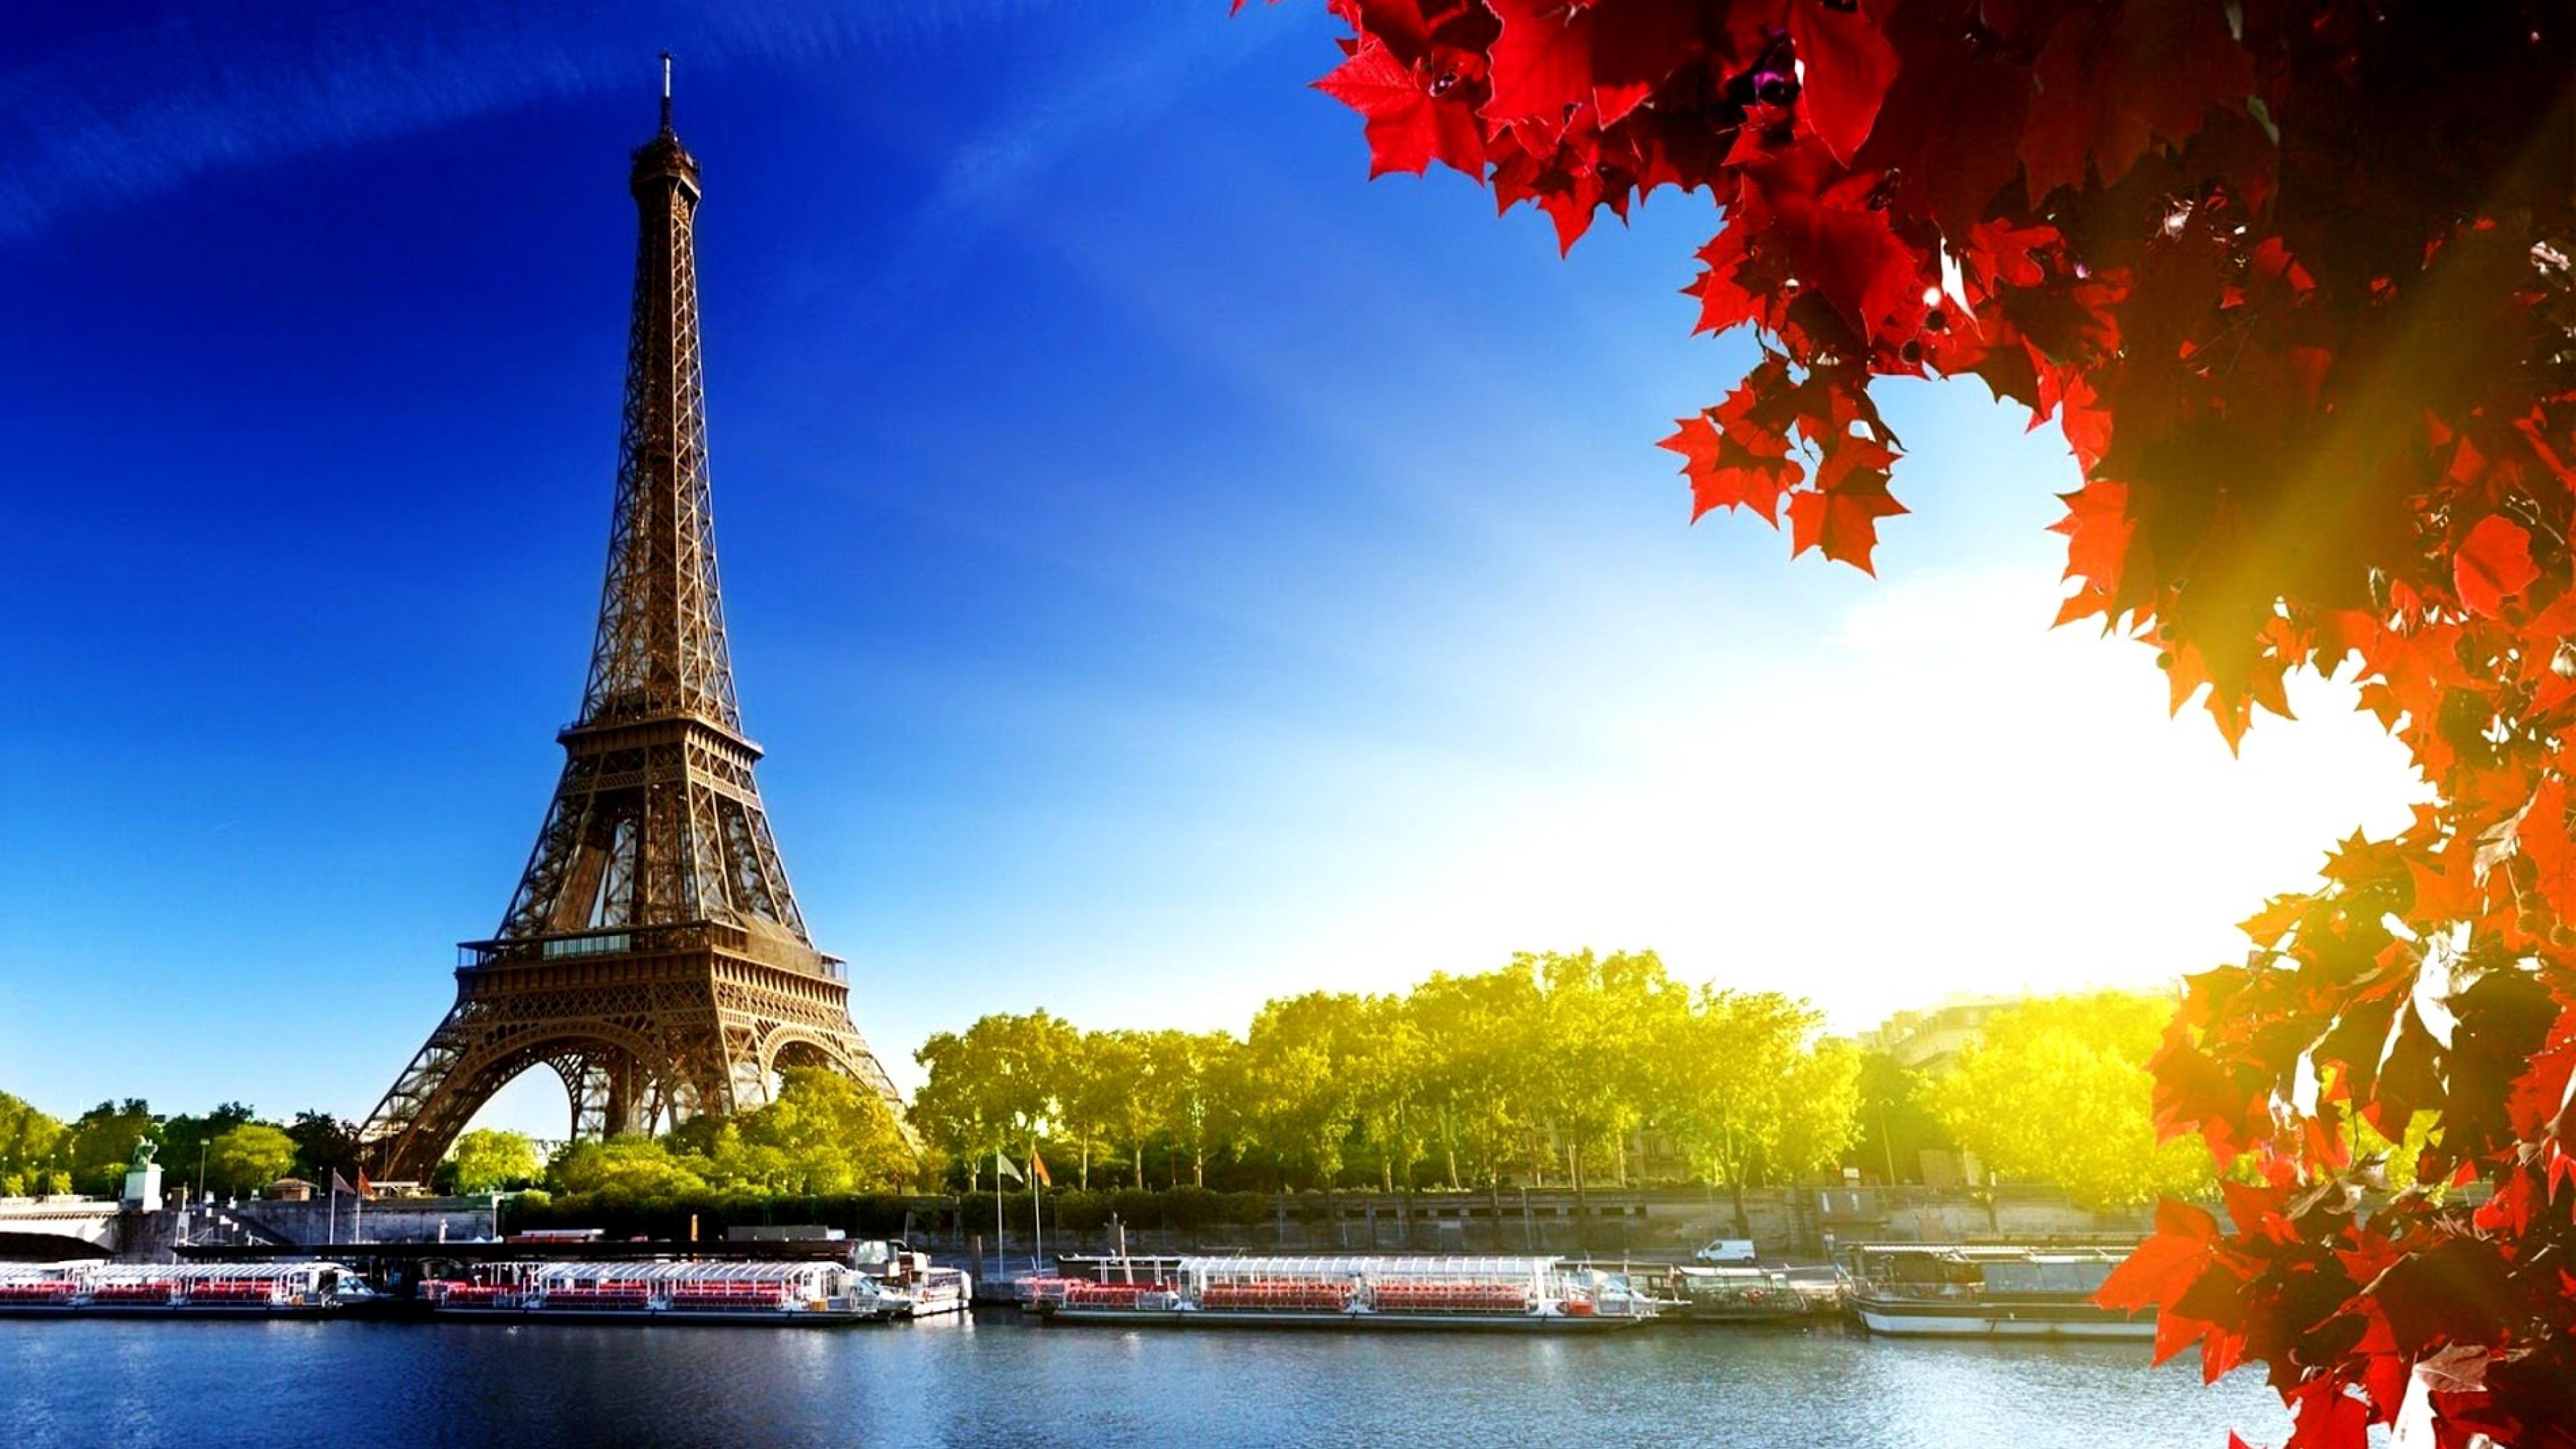 paris-eiffel-tower-desktop-wallpaper-hd-widescreen-3840x2160.jpg